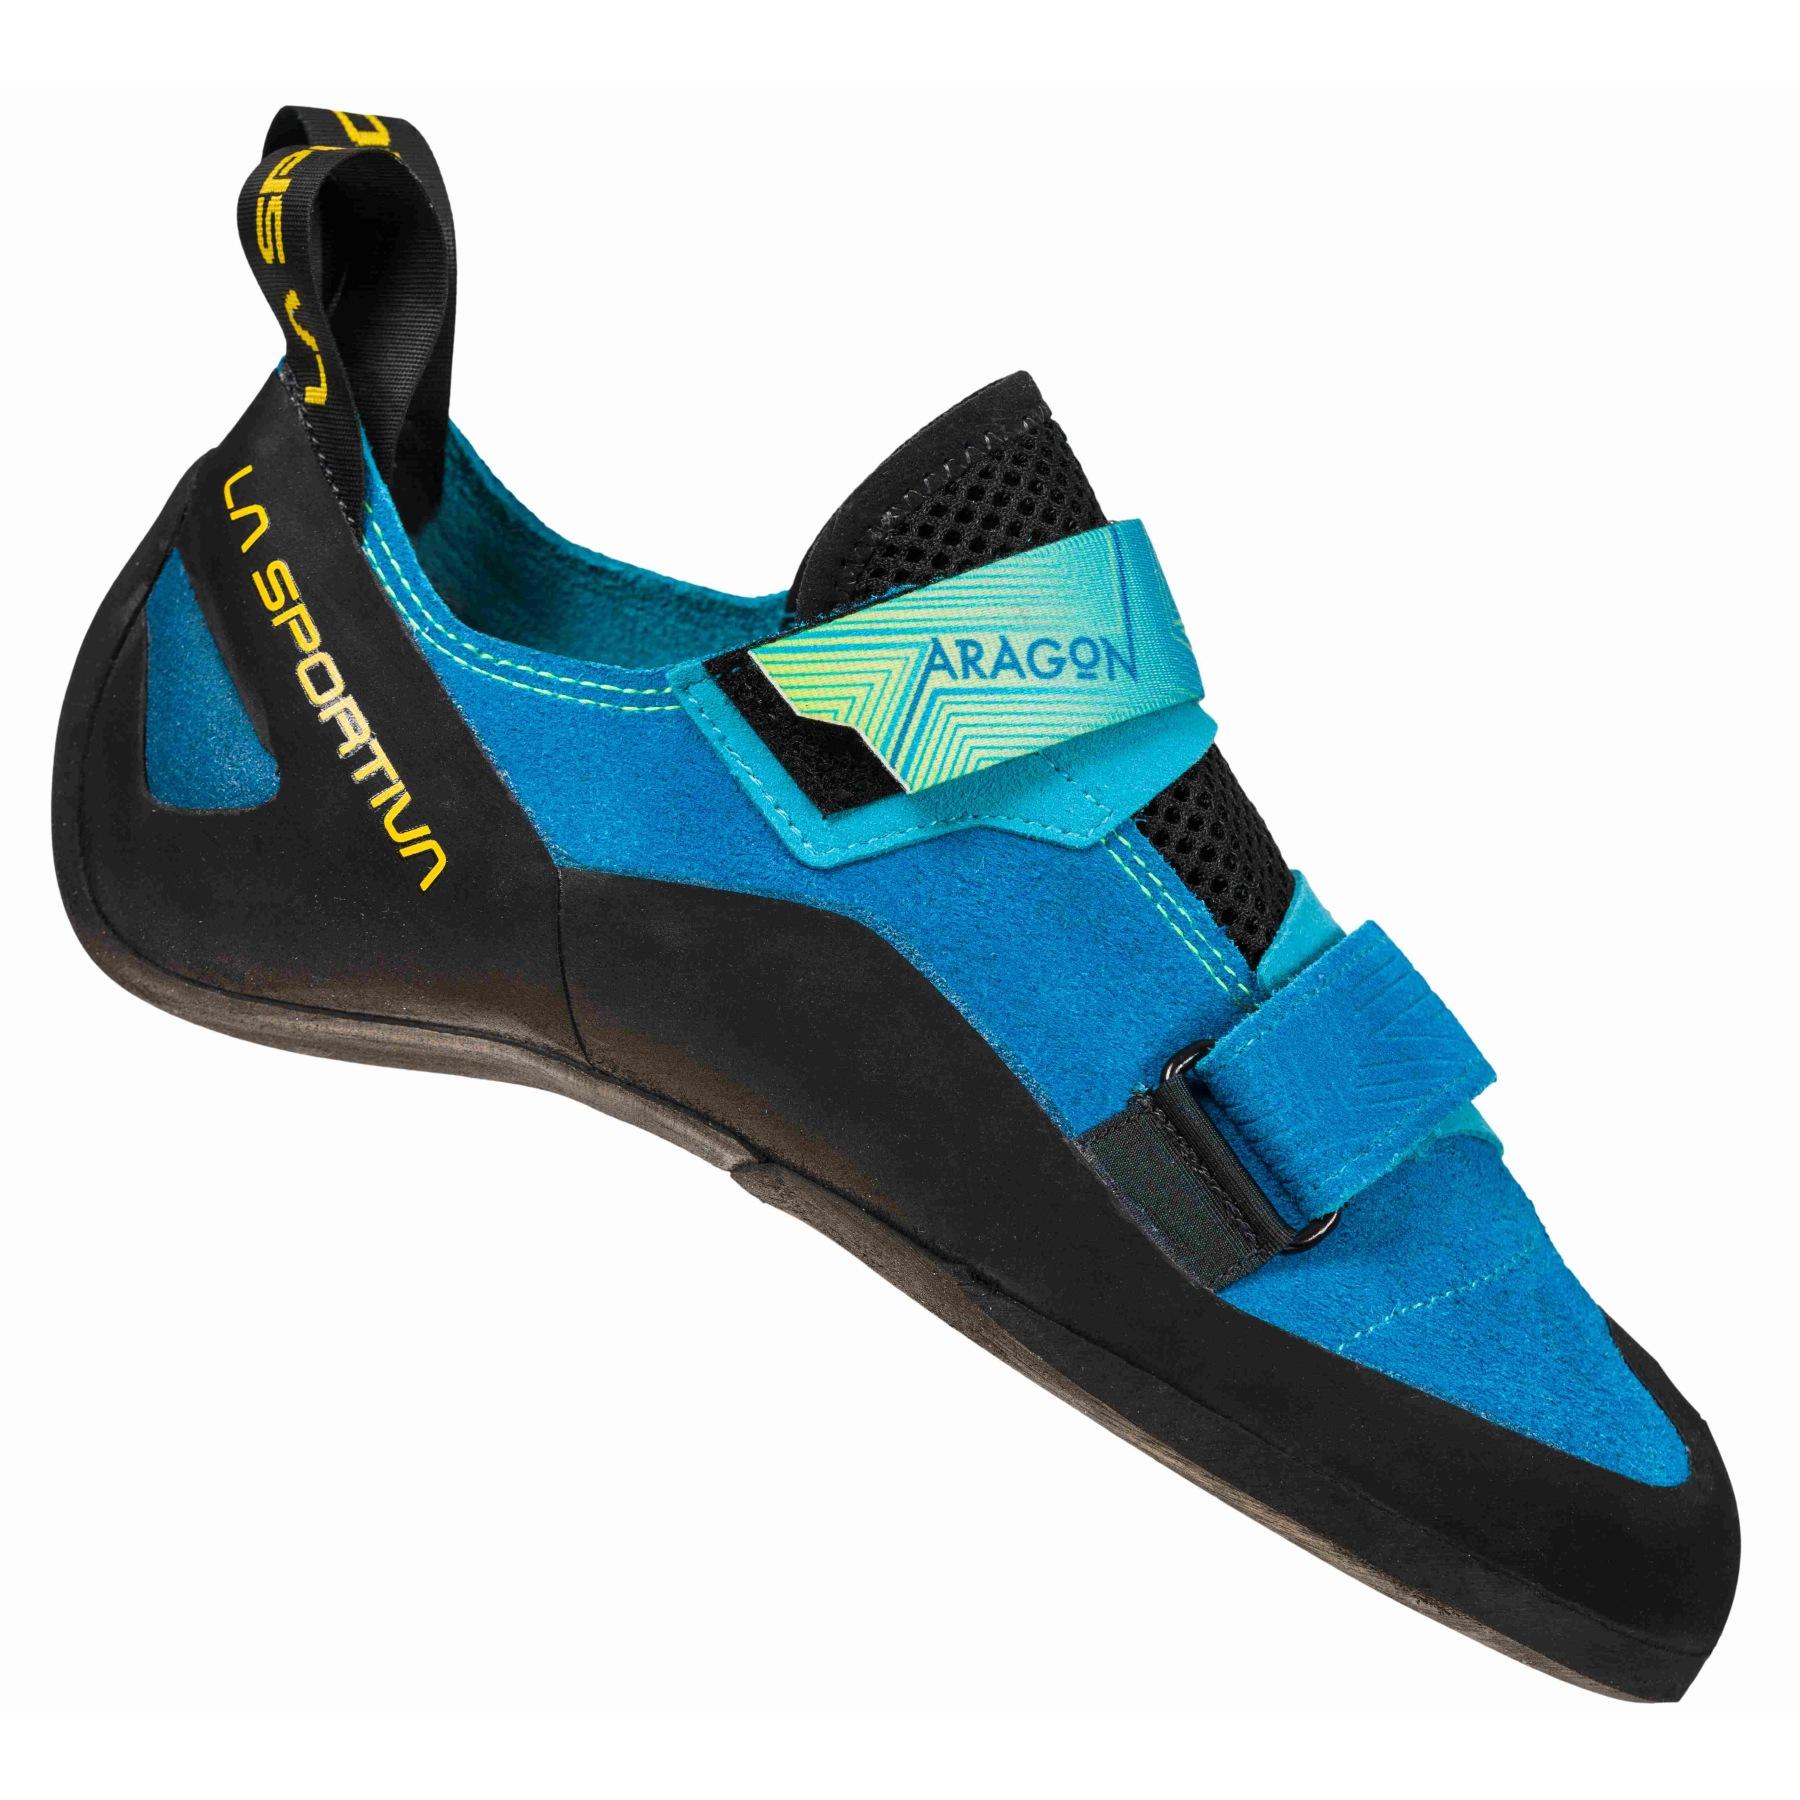 La Sportiva Aragon Climbing Shoes - Neptune/Citrus